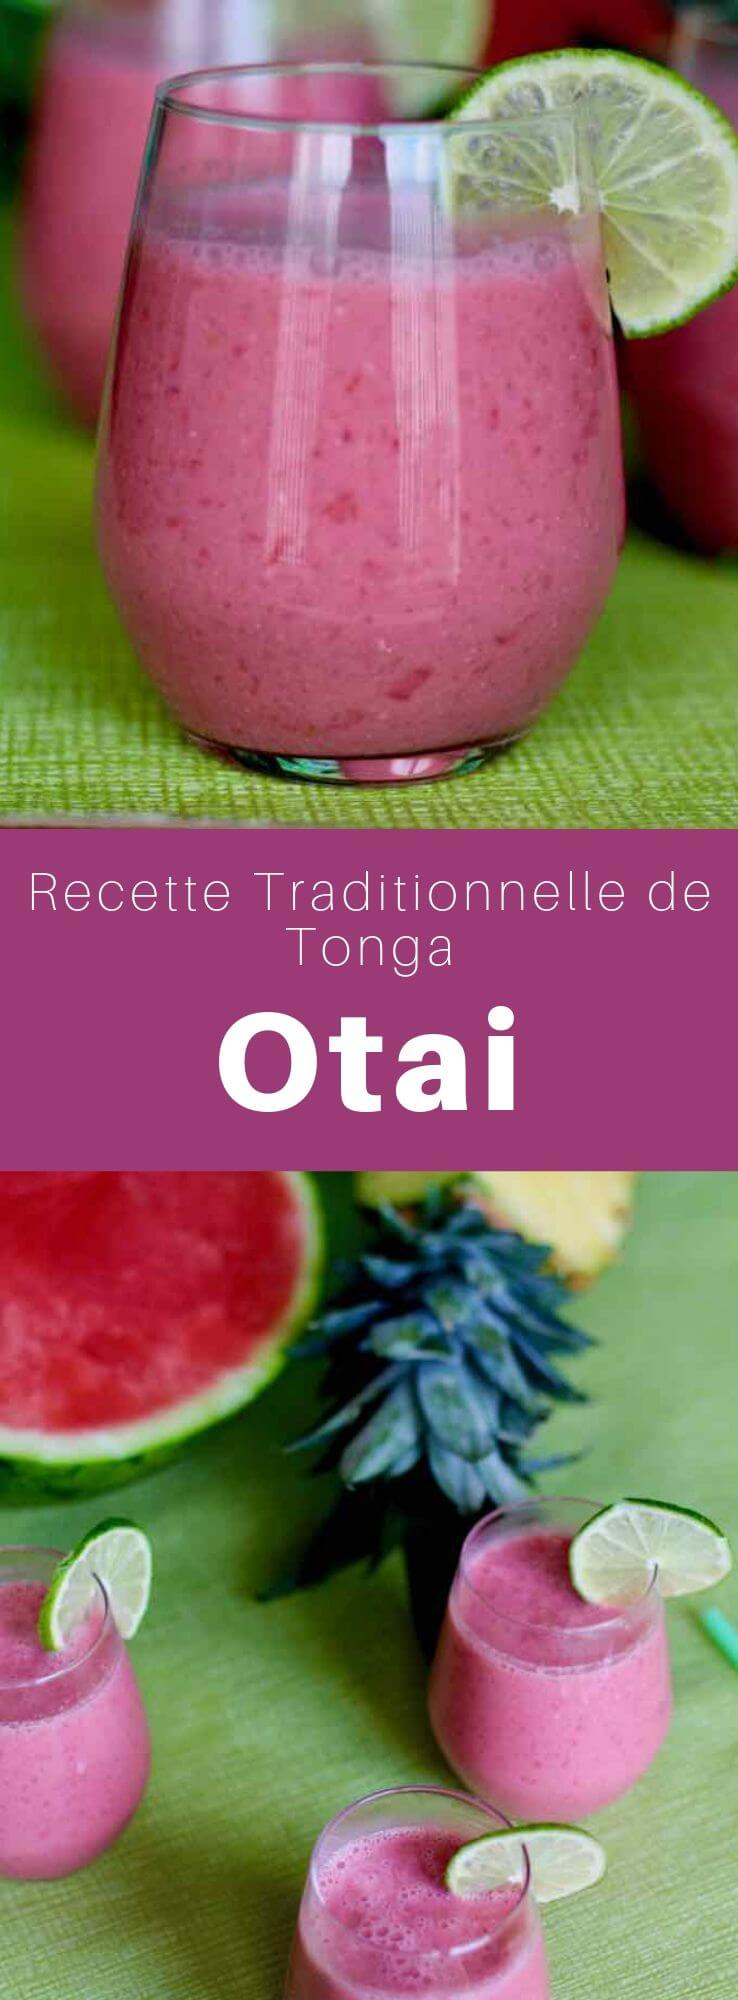 L'otai est une boisson aux fruits originaire de la Polynésie occidentale, composée d'un mélange d'eau, de noix de coco et de toute une variété de fruits tropicaux, surtout la pastèque mélangée à de de l'ananas. #Polynesie #Tonga #RecettePolynesienne #CuisineDuMonde #196flavors